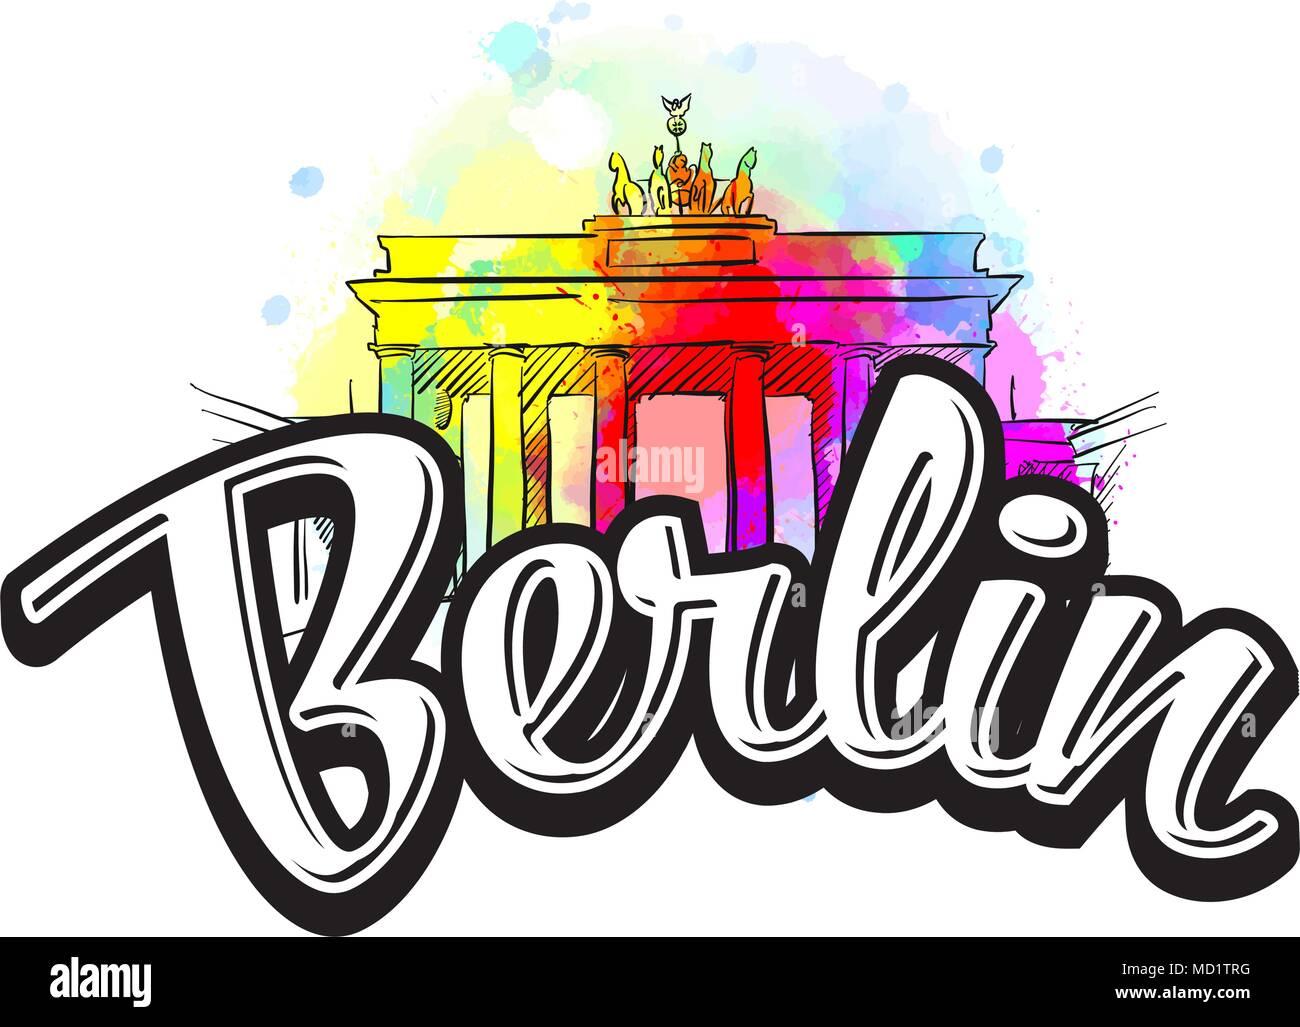 Berlin Brandenburger Tor Zeichnung Mit Schlagzeile Hand Gezeichnet Abbildung Vektor Bild Fur Digitales Marketing Und Postern Stock Vektorgrafik Alamy